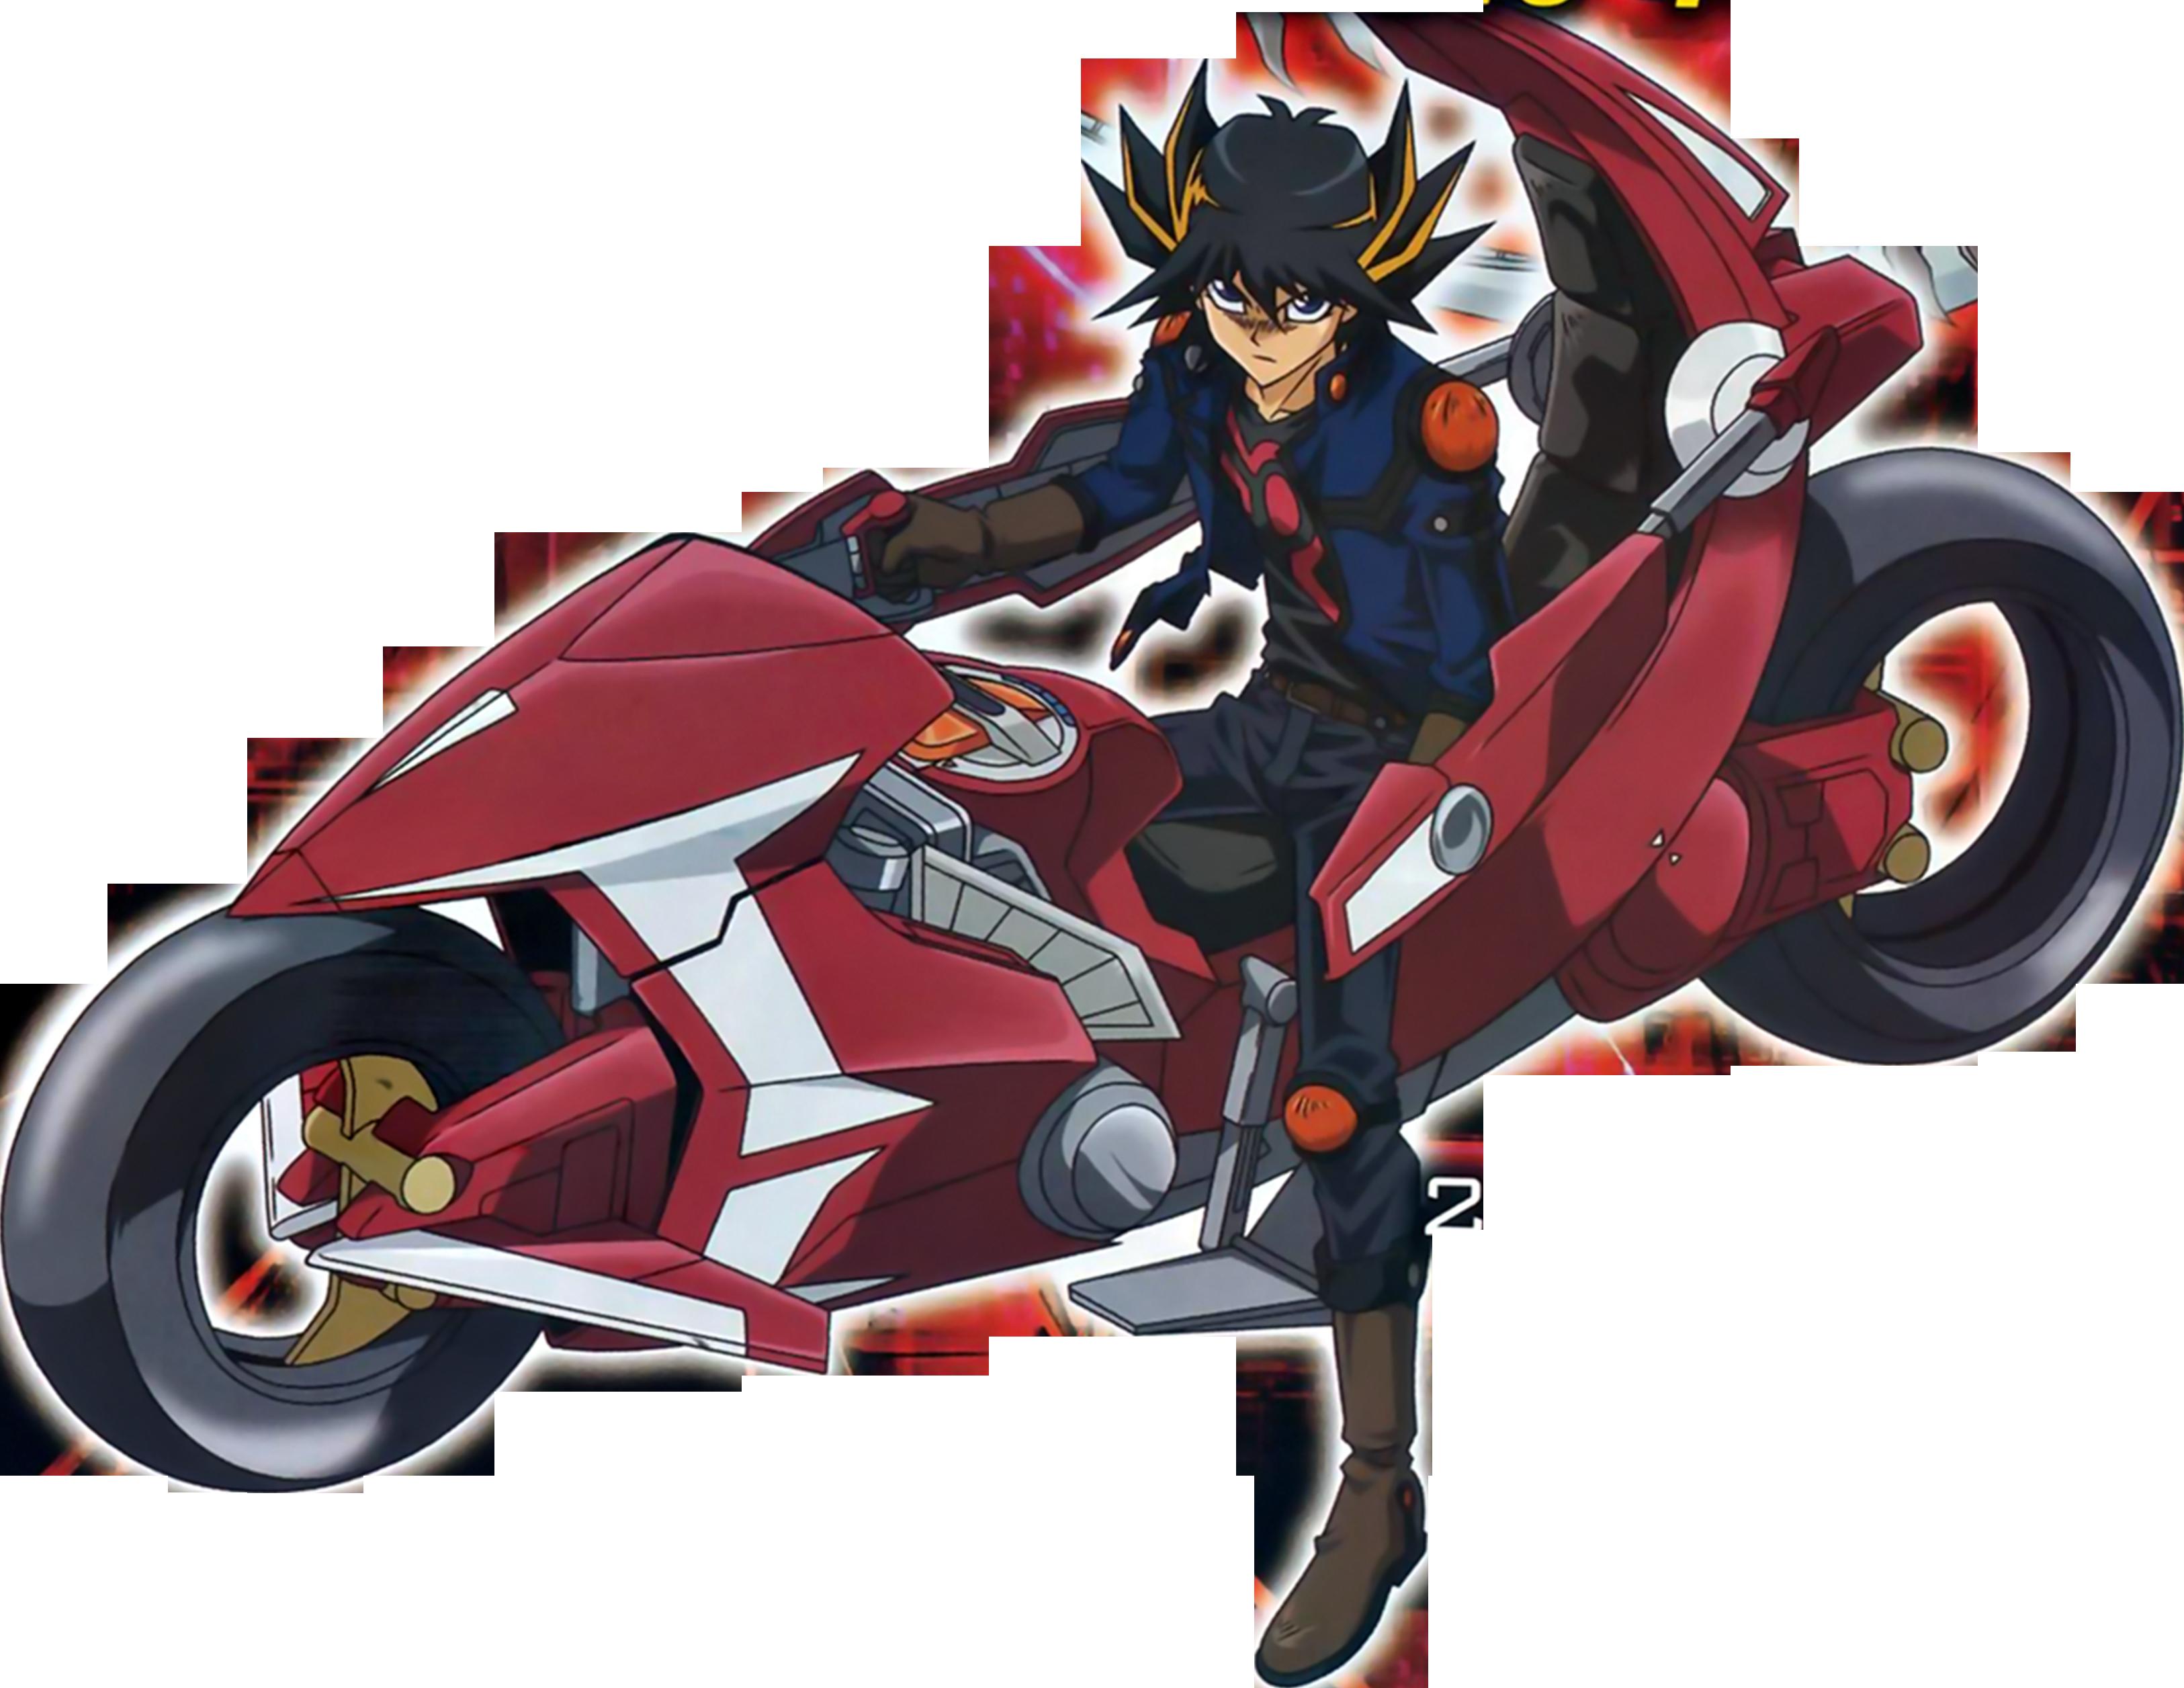 Anime review yu gi oh 5ds a terceira gera o mundo Oh design